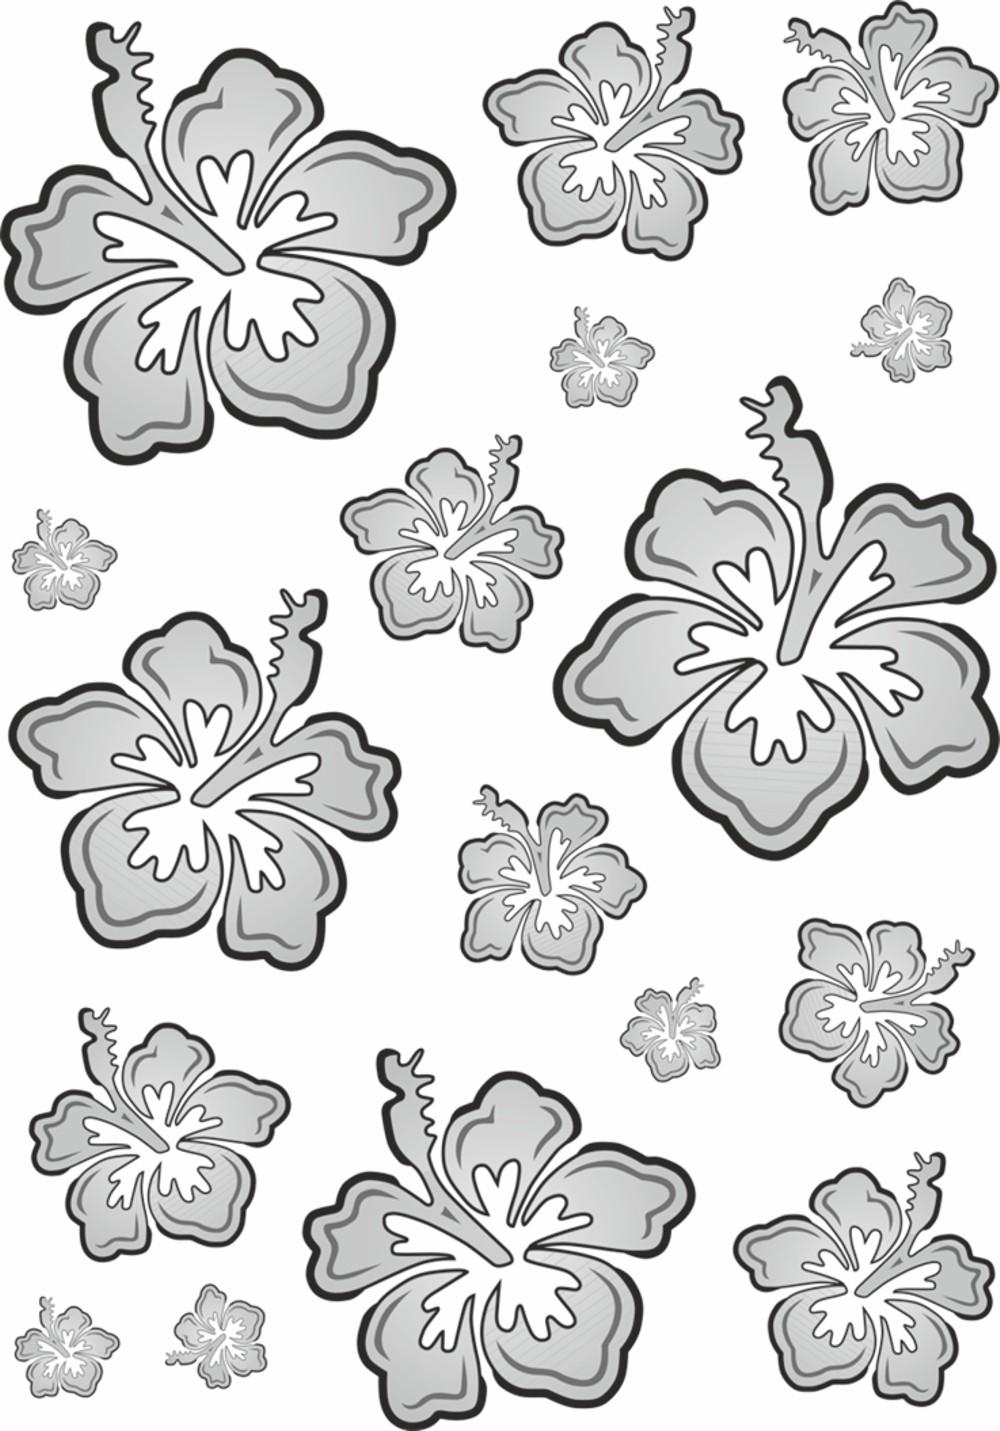 Autocollant Set de fleuraison du hibiscus 300 x 200 mm noir/argent